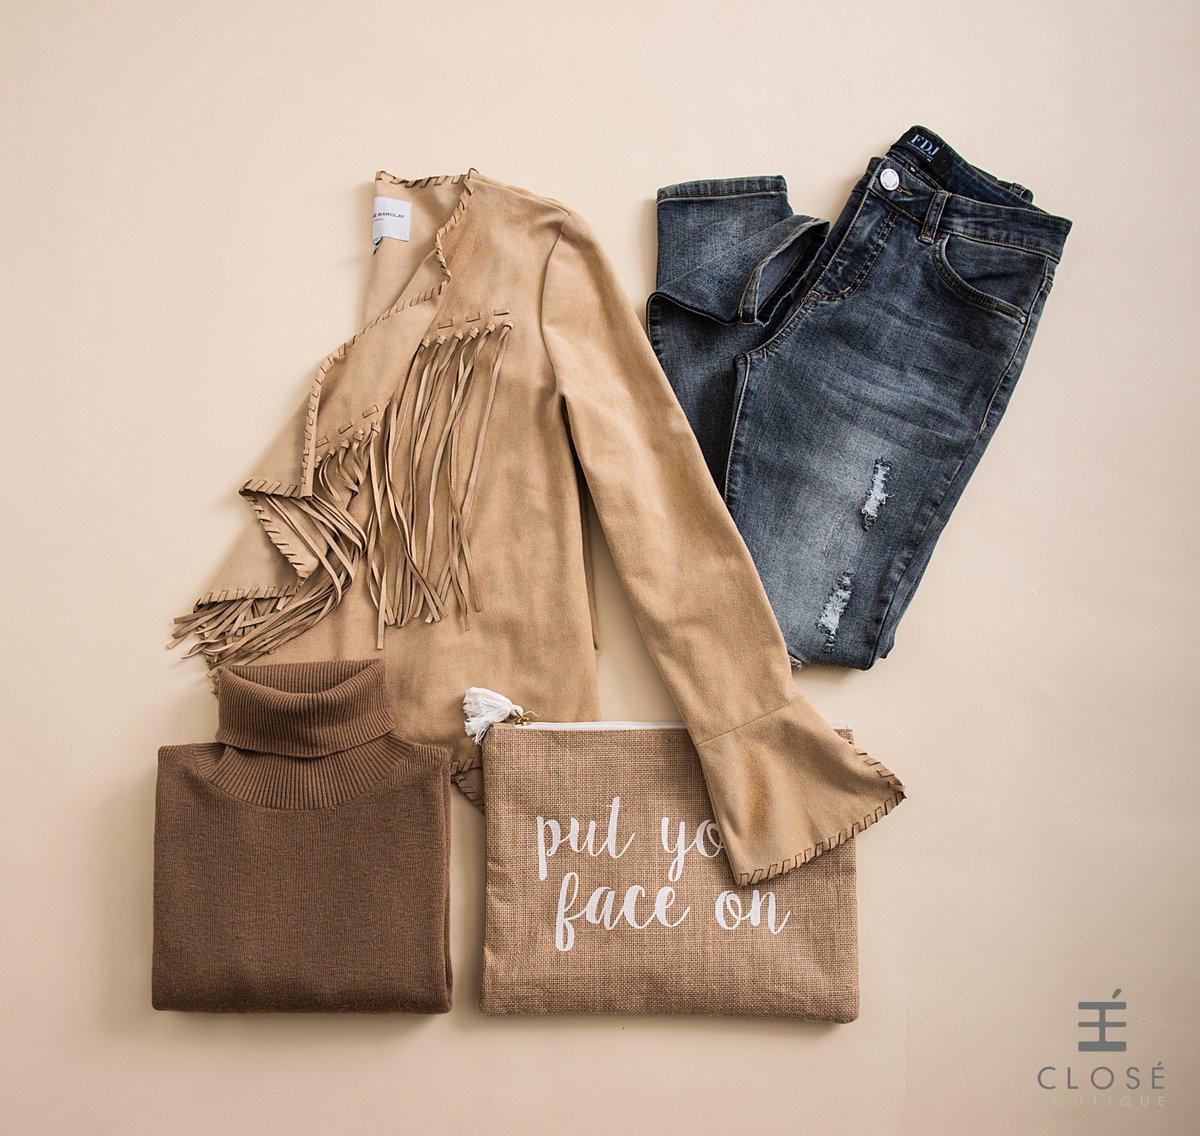 Una propuesta más que Closé te ofrece para crear tu #totallook. #DressInStyle #SeeNowBuyNow https://t.co/dN3098qEWK